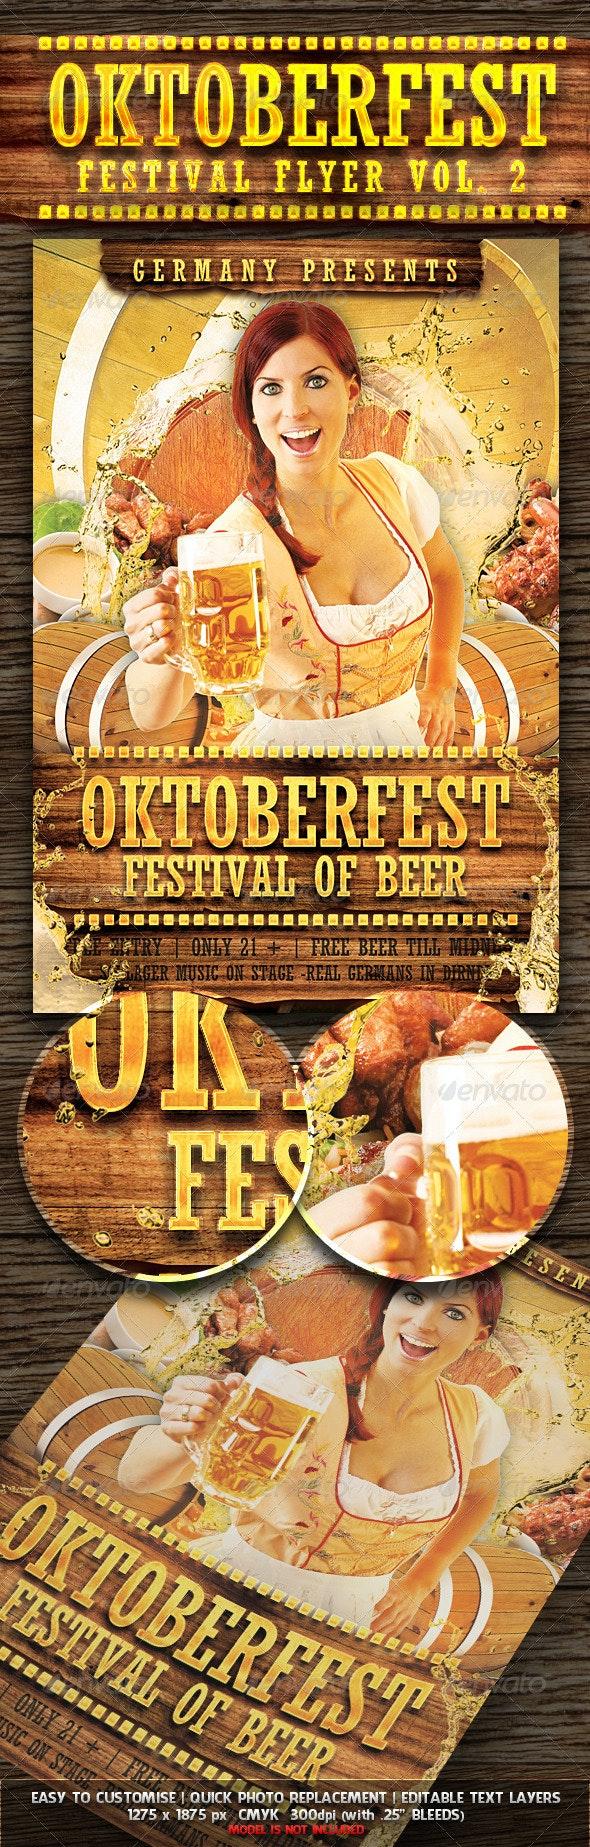 Oktoberfest Festival Flyer Vol. 2 - Miscellaneous Events